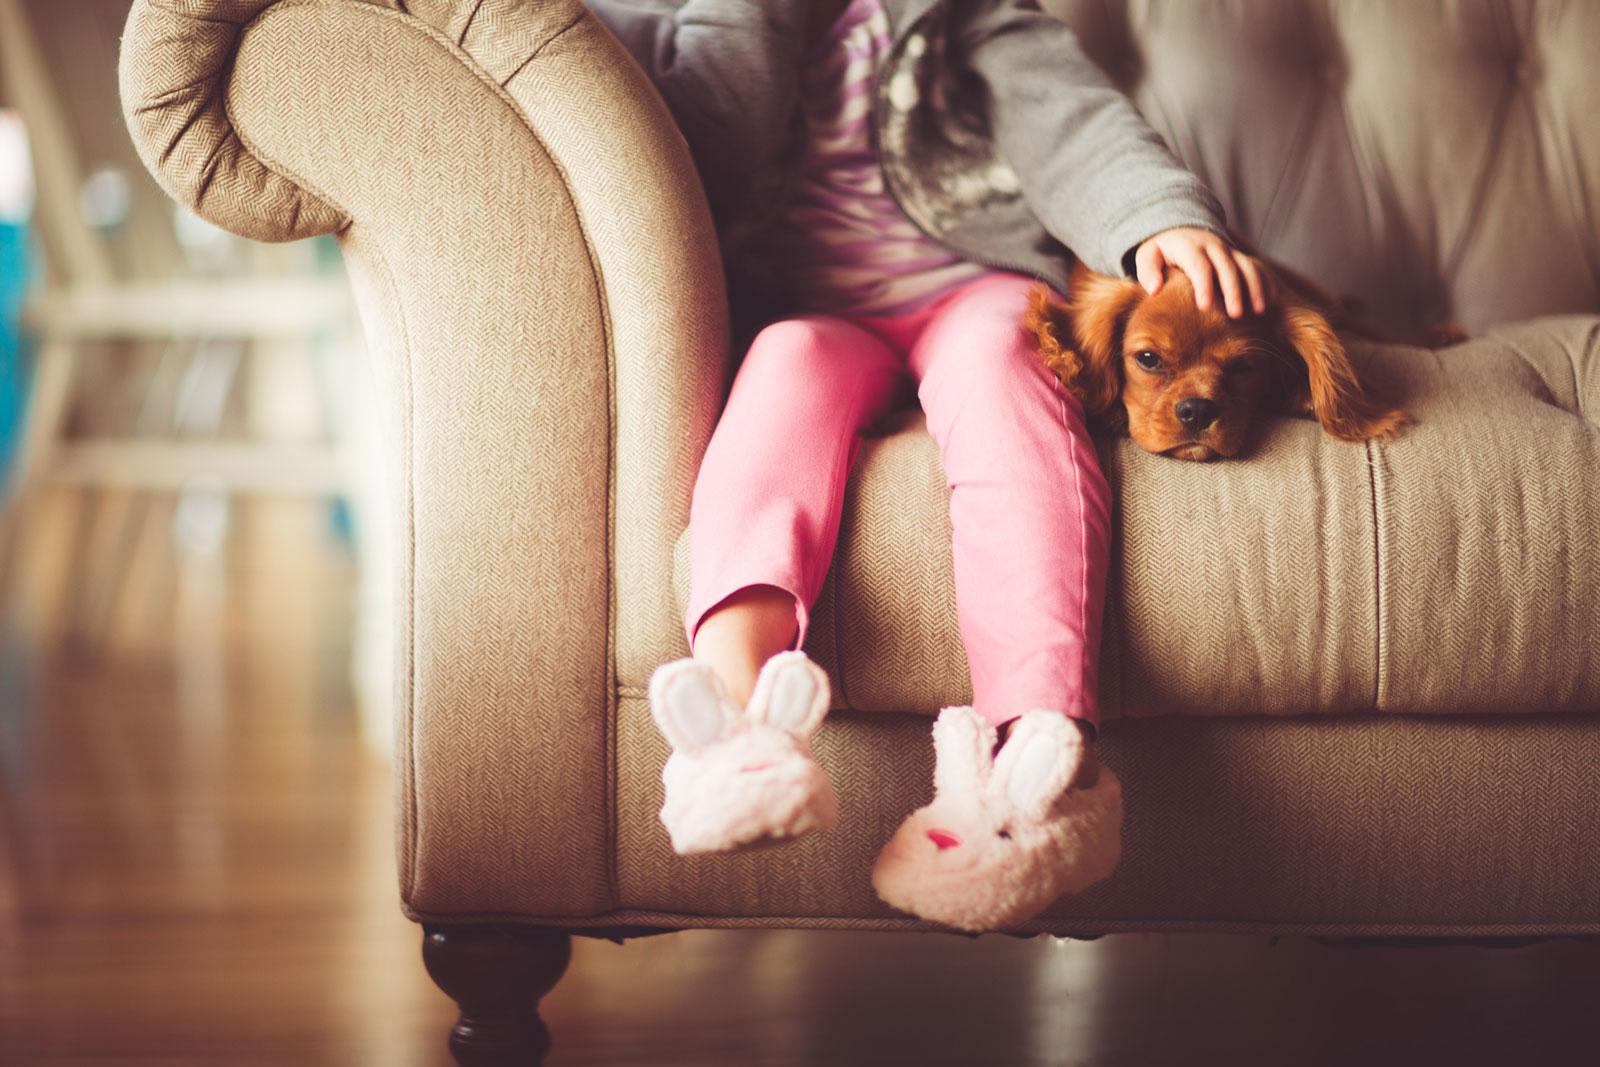 Vprašalnik za bodoče skrbnike psov